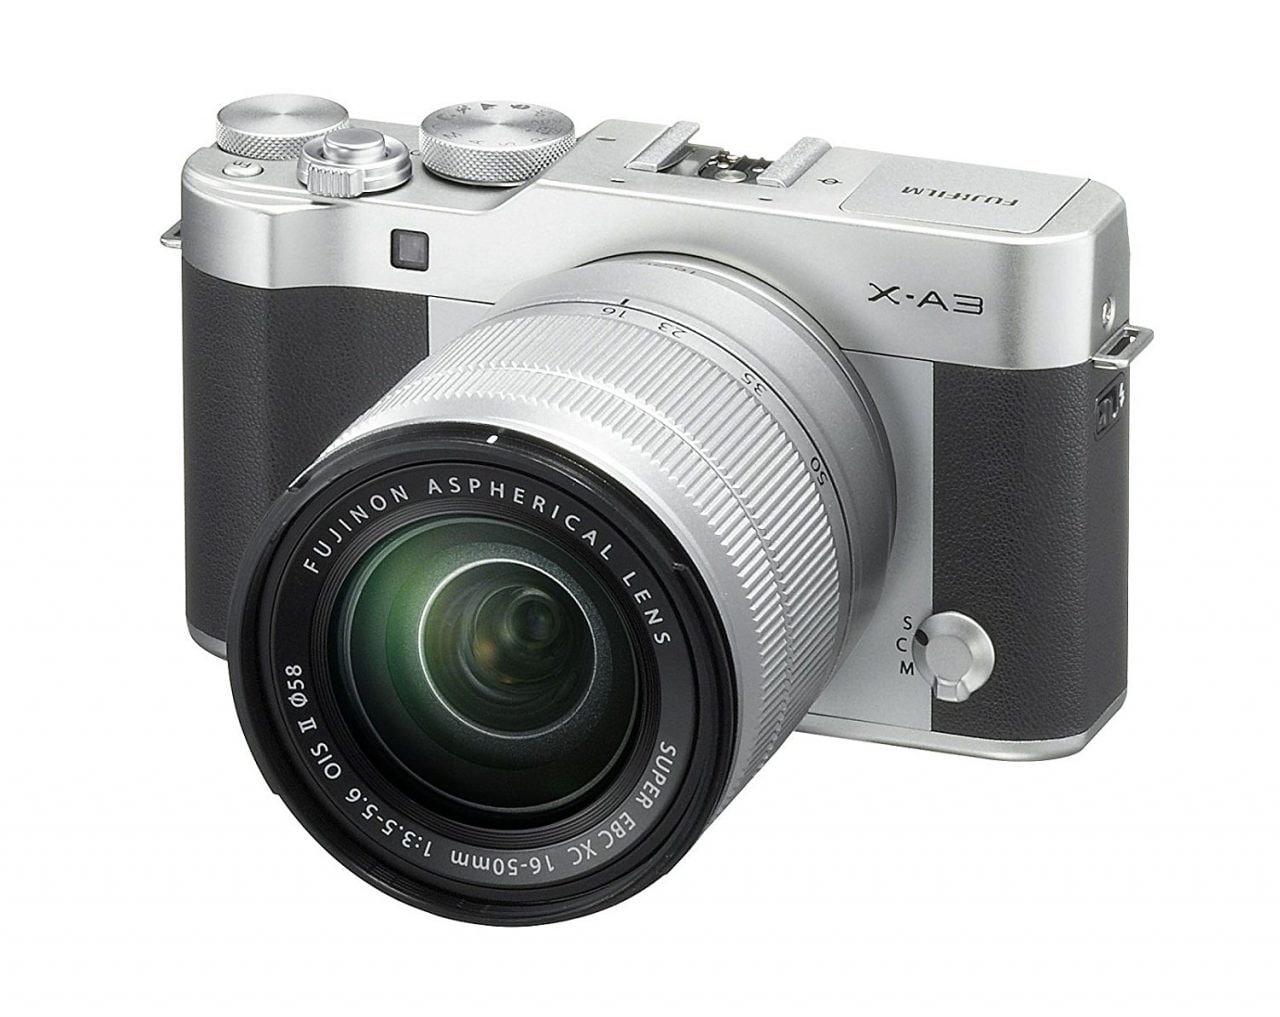 Fujifilm richiama i caricabatterie di molte fotocamere in USA e Canada per possibili pericoli di shock elettrico (foto)